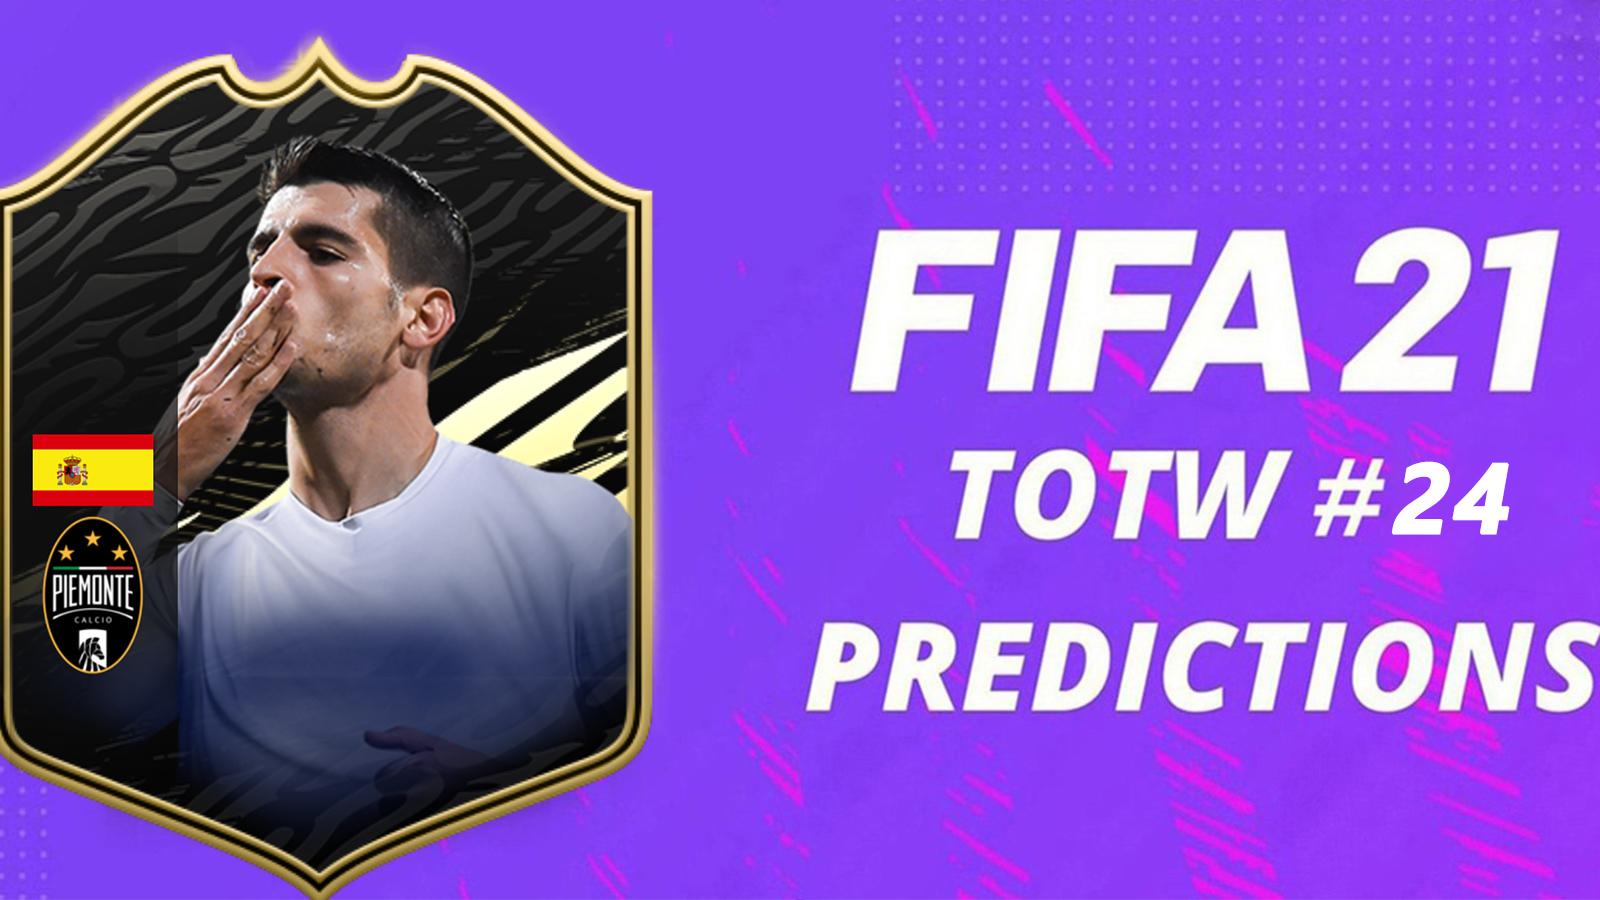 Prédictions TOTW 24 FIFA 21